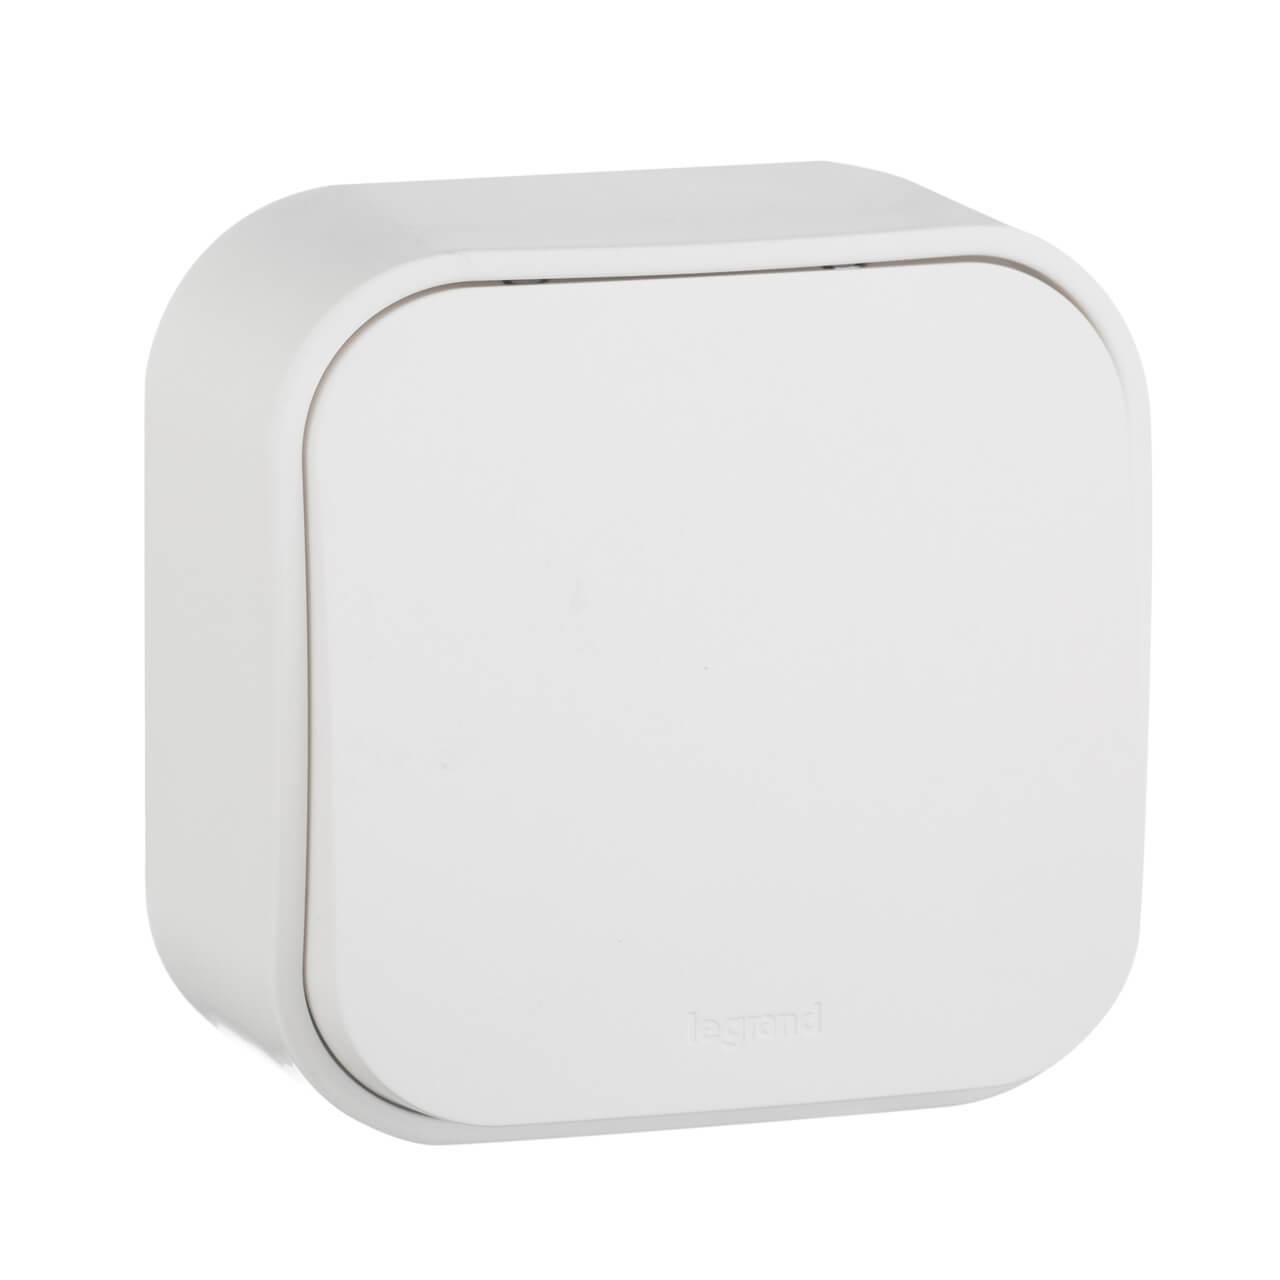 Выключатель одноклавишный кнопочный Legrand Quteo 6A 250V белый 782205 выключатель одноклавишный кнопочный legrand quteo 6a 250v белый 782205